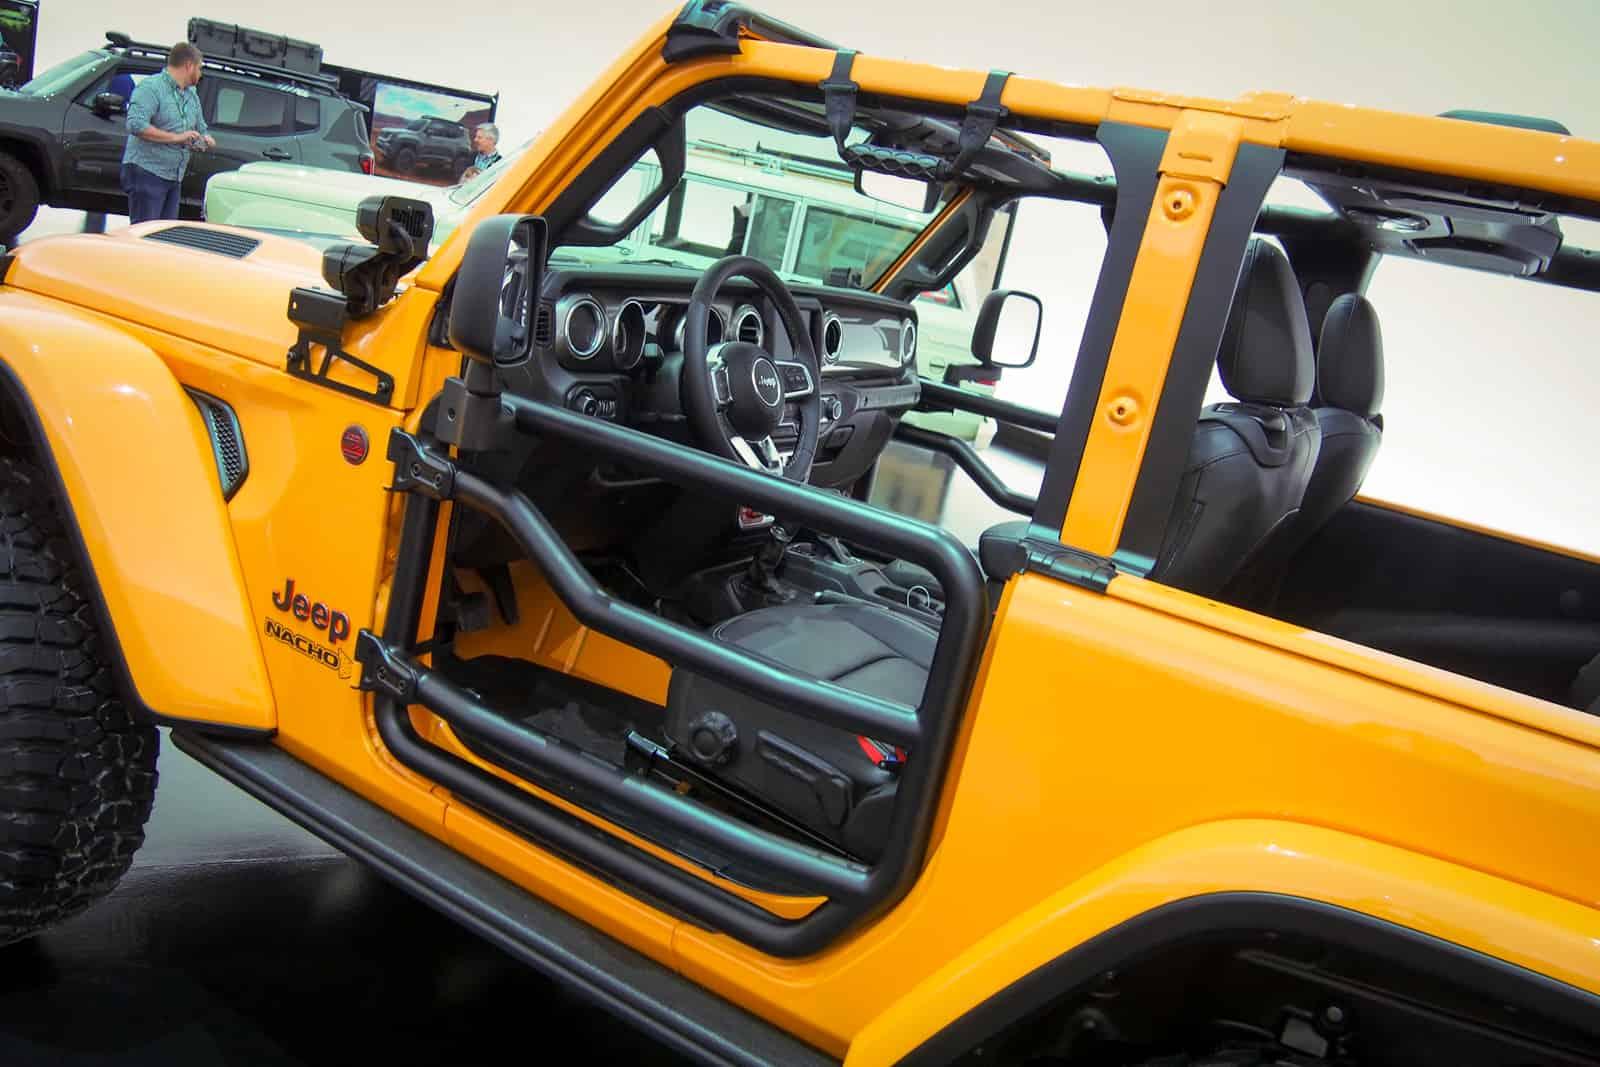 Пасхальные зайцы от Jeep. Новая семерка шоу-каров